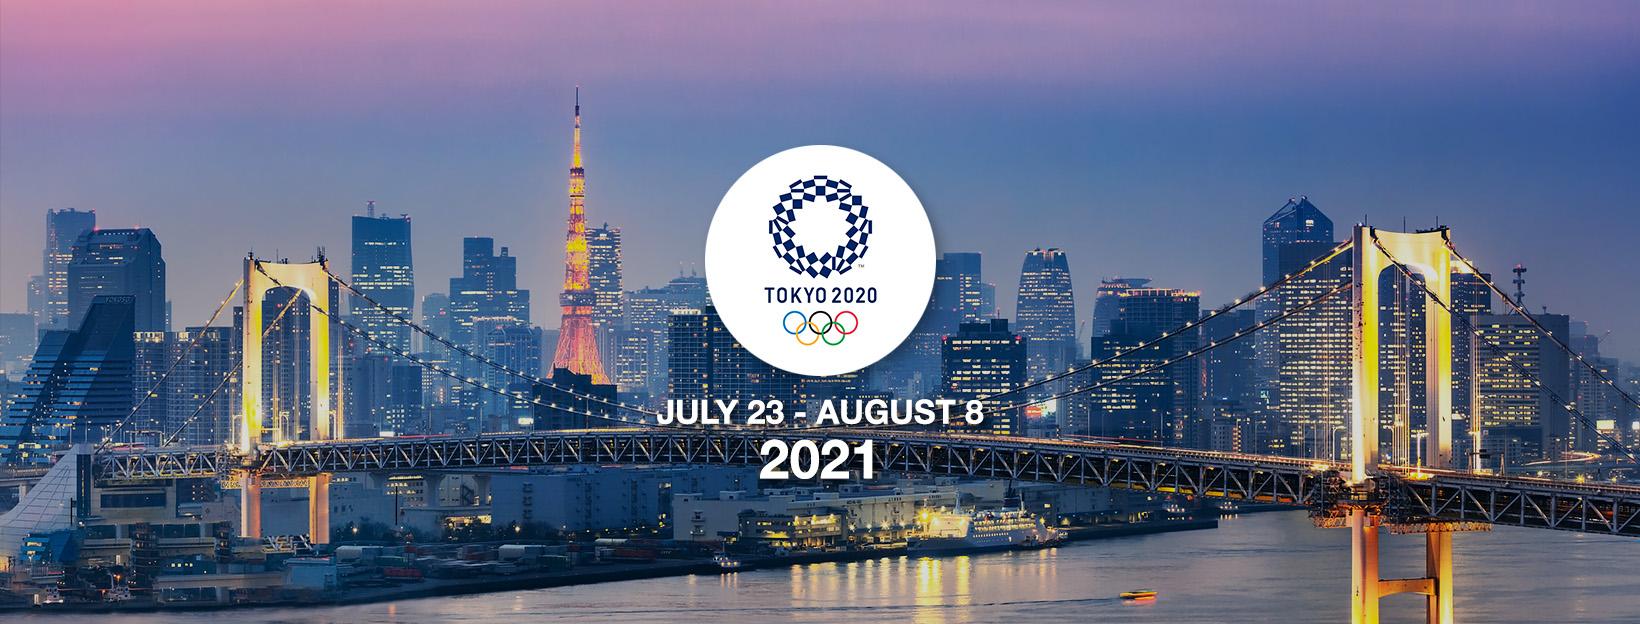 Significato Olimpiadi Tokyo, casi Covid, programma sabato 24 luglio 2021